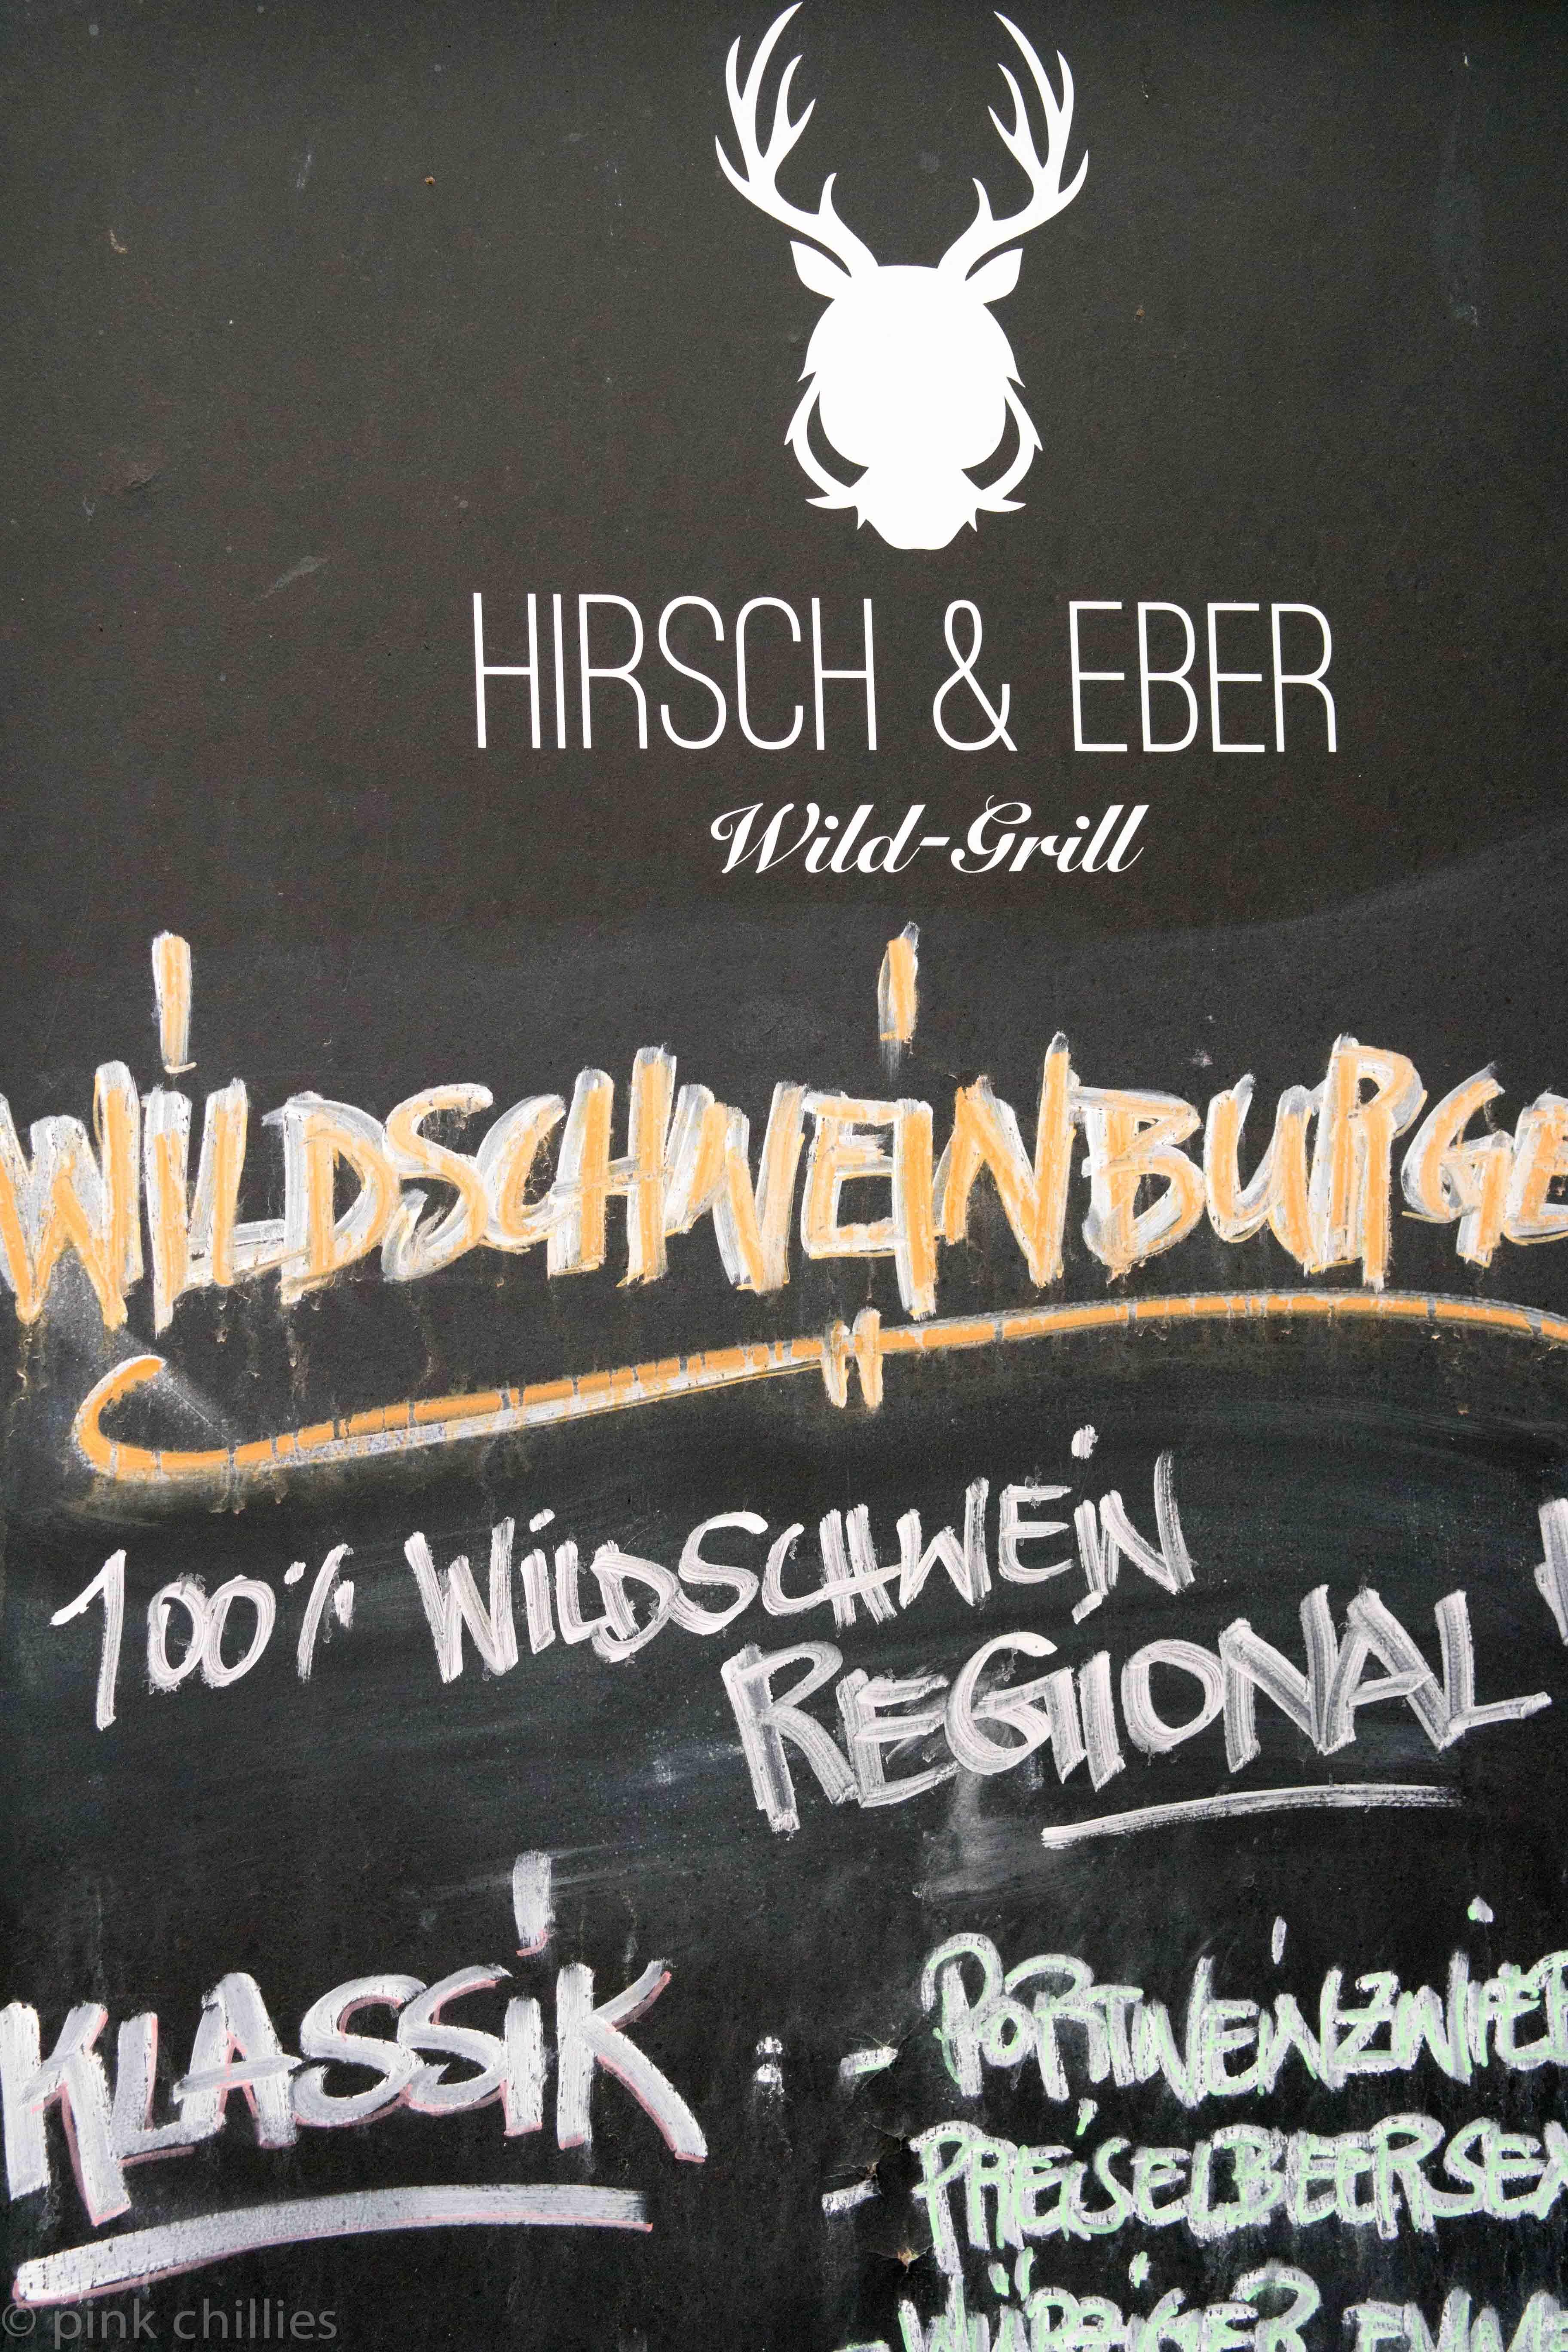 Hirsch und Eber Wildschweinburger-0196